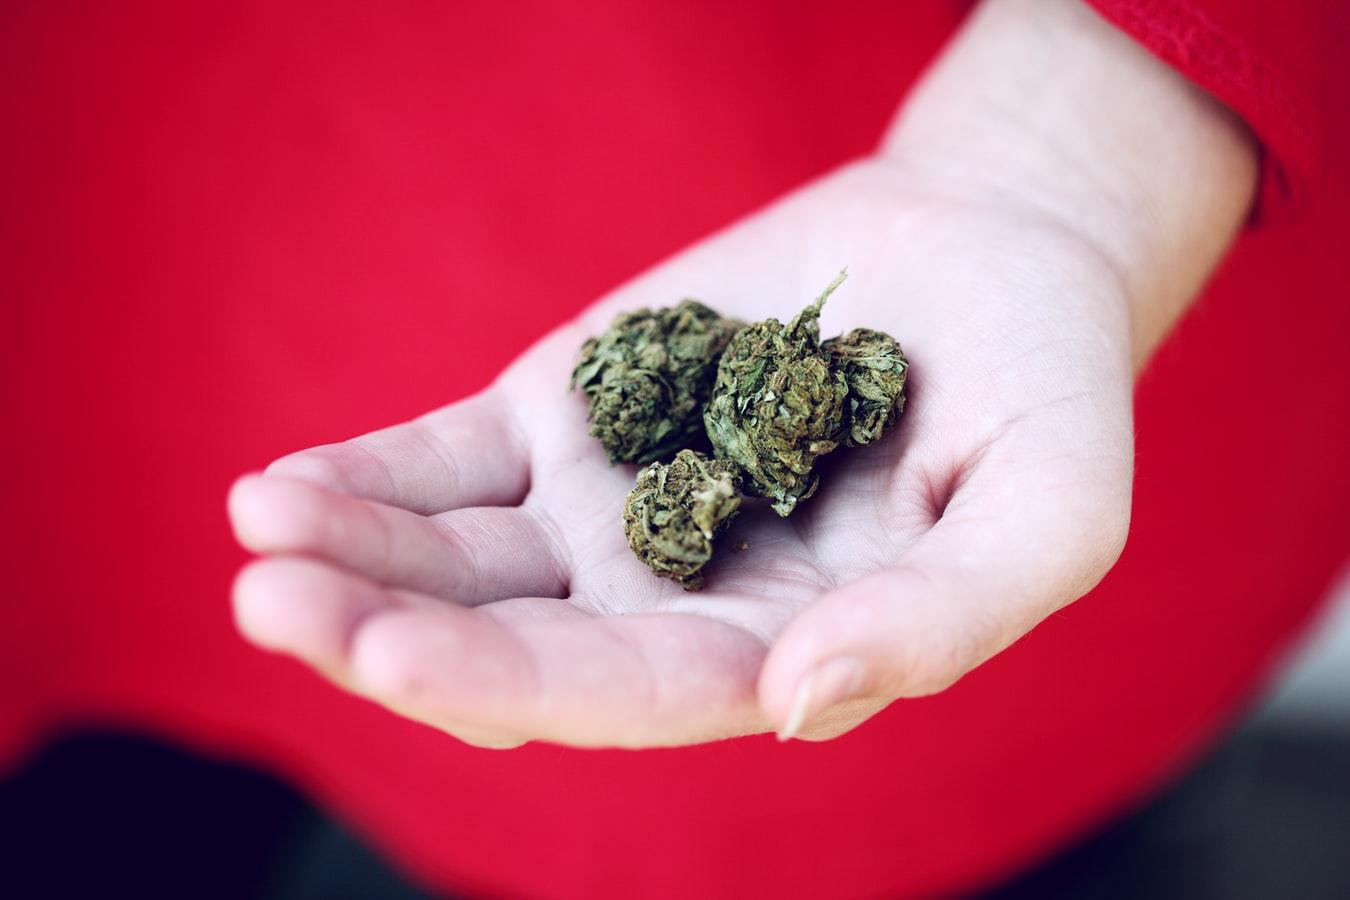 Virginia Legislators Push for Full Marijuana